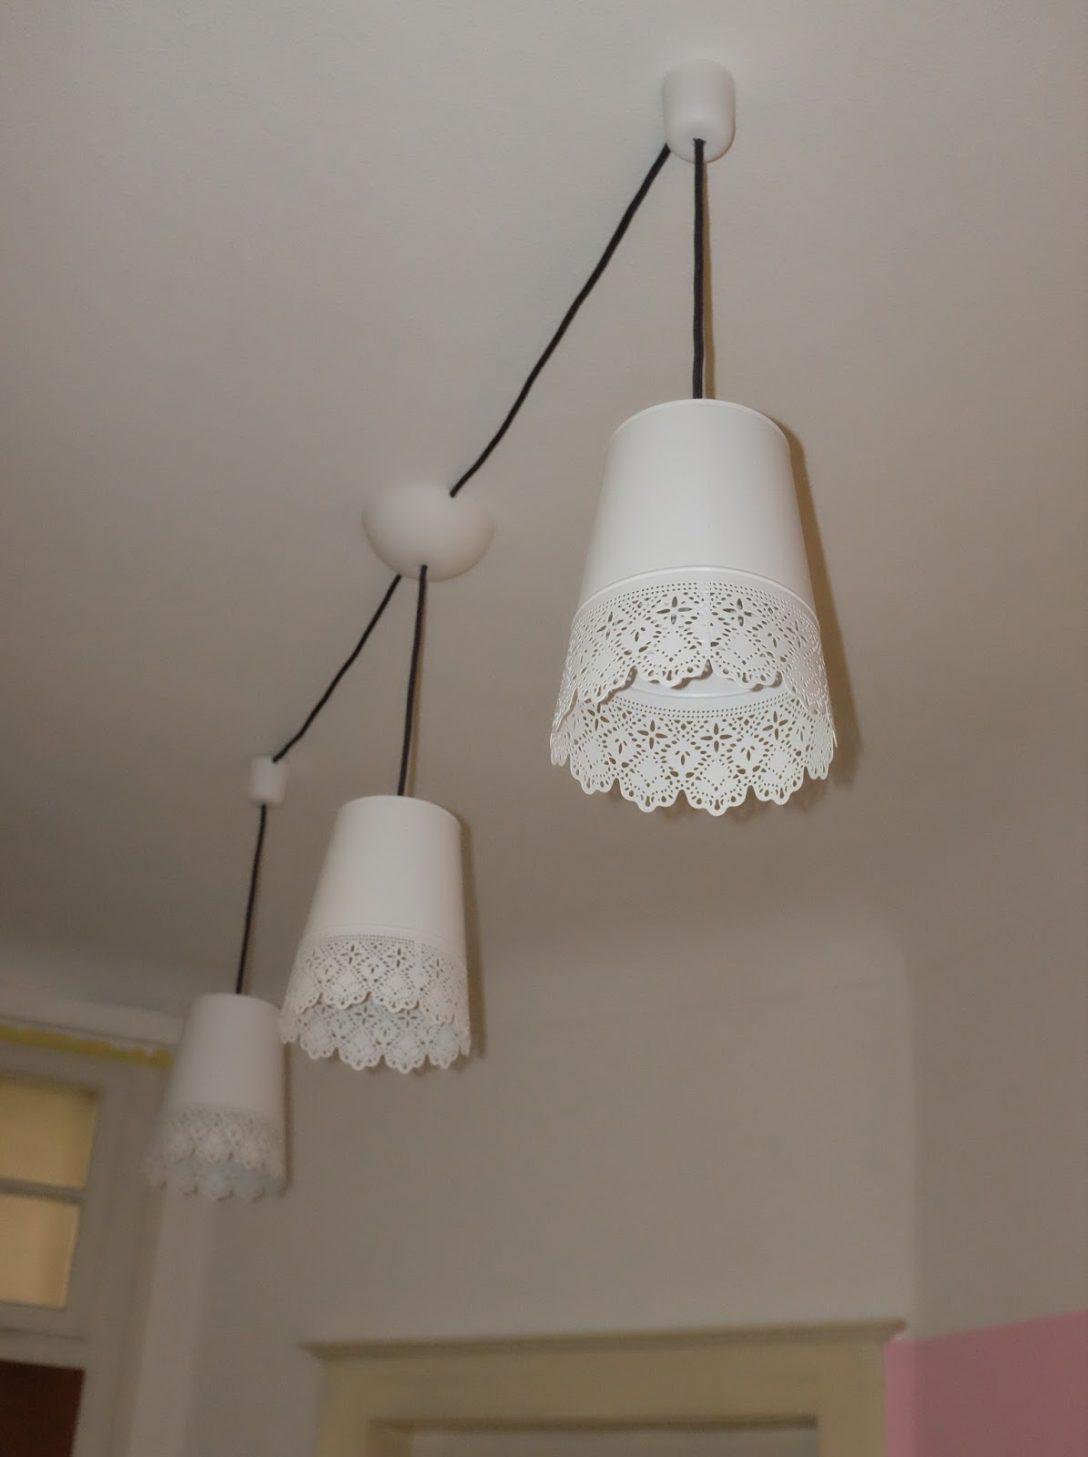 Large Size of Wohnzimmer Deckenlampe Schlafzimmer Modulküche Ikea Küche Betten 160x200 Miniküche Bei Bad Deckenlampen Esstisch Kosten Sofa Mit Schlaffunktion Kaufen Wohnzimmer Deckenlampe Ikea